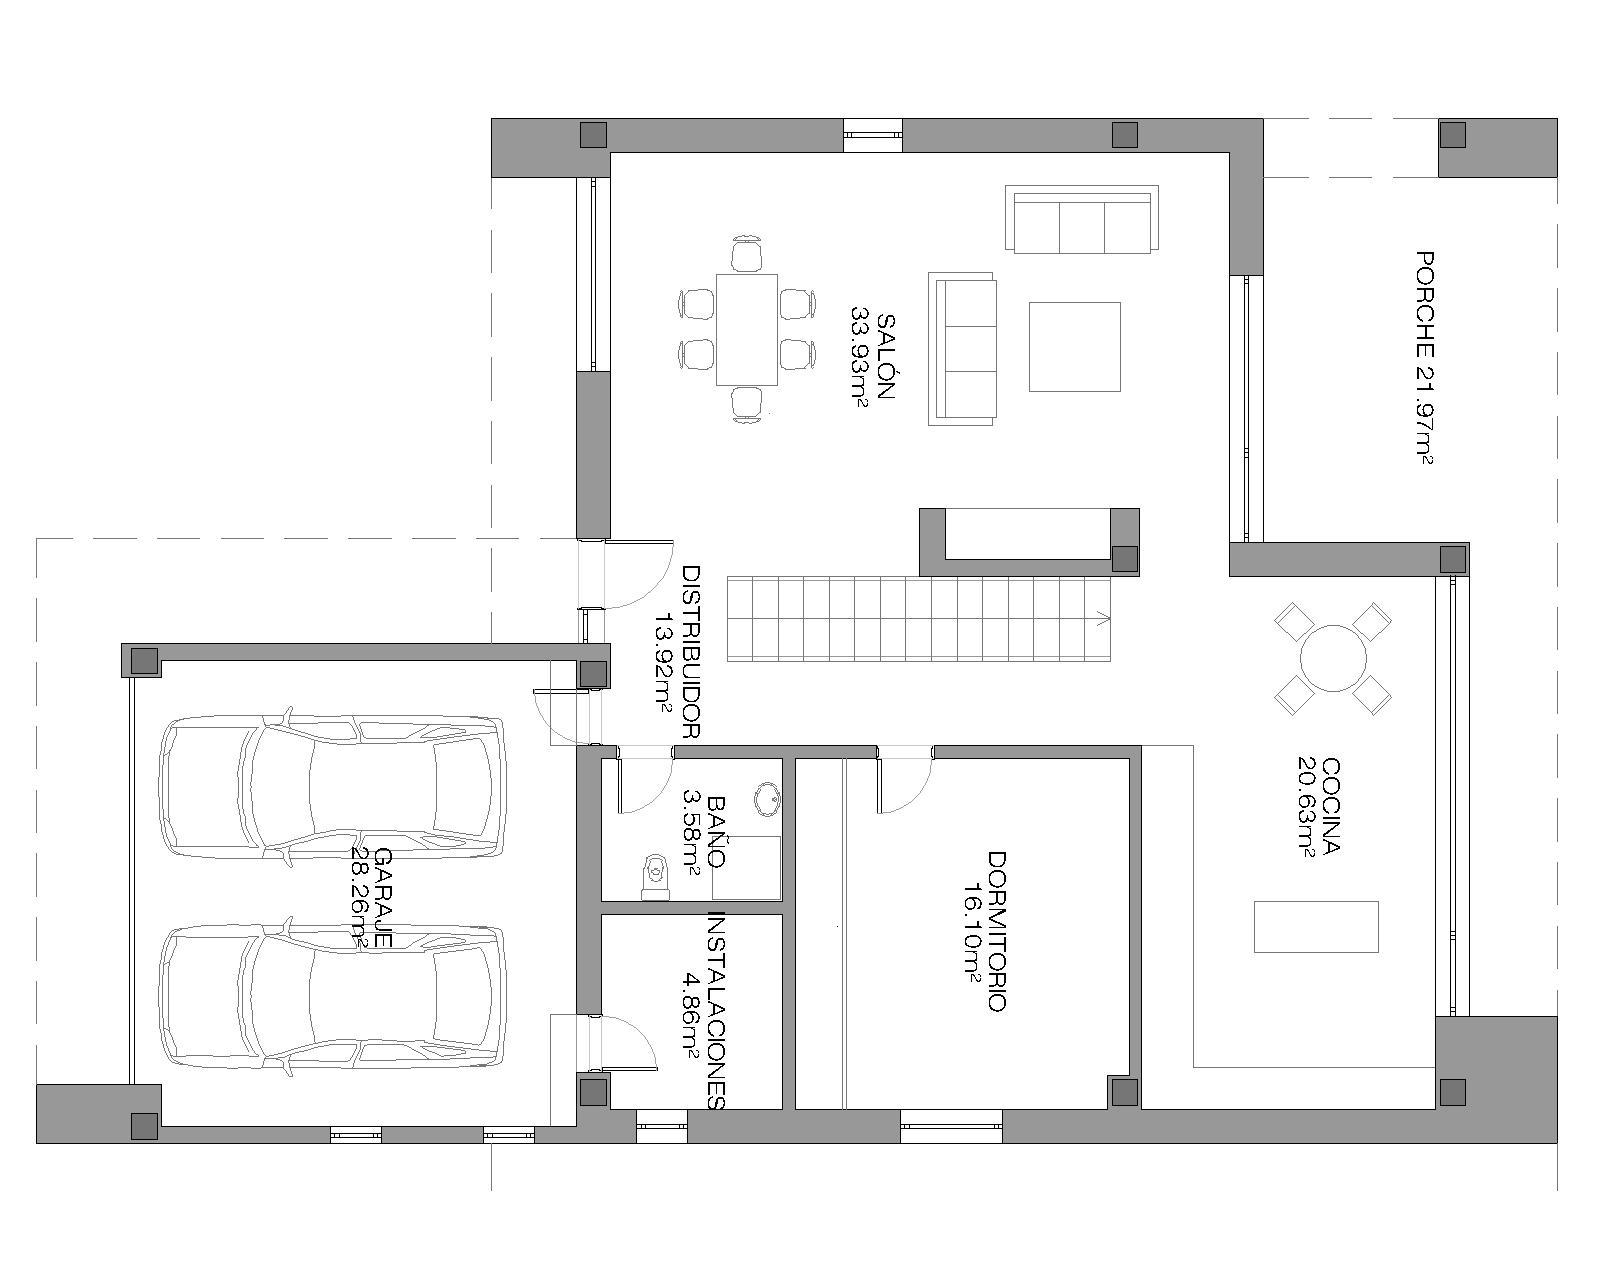 Descubre casa unifamiliar moderna casa lux for Casas minimalistas planta baja